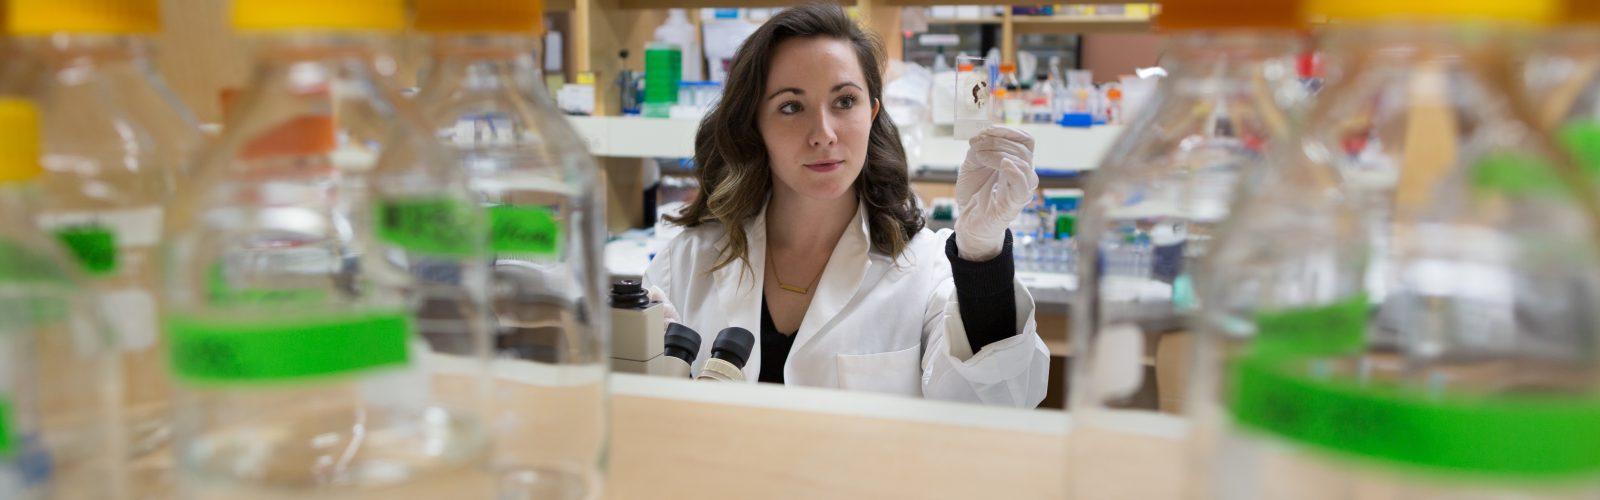 scientist examines specimen